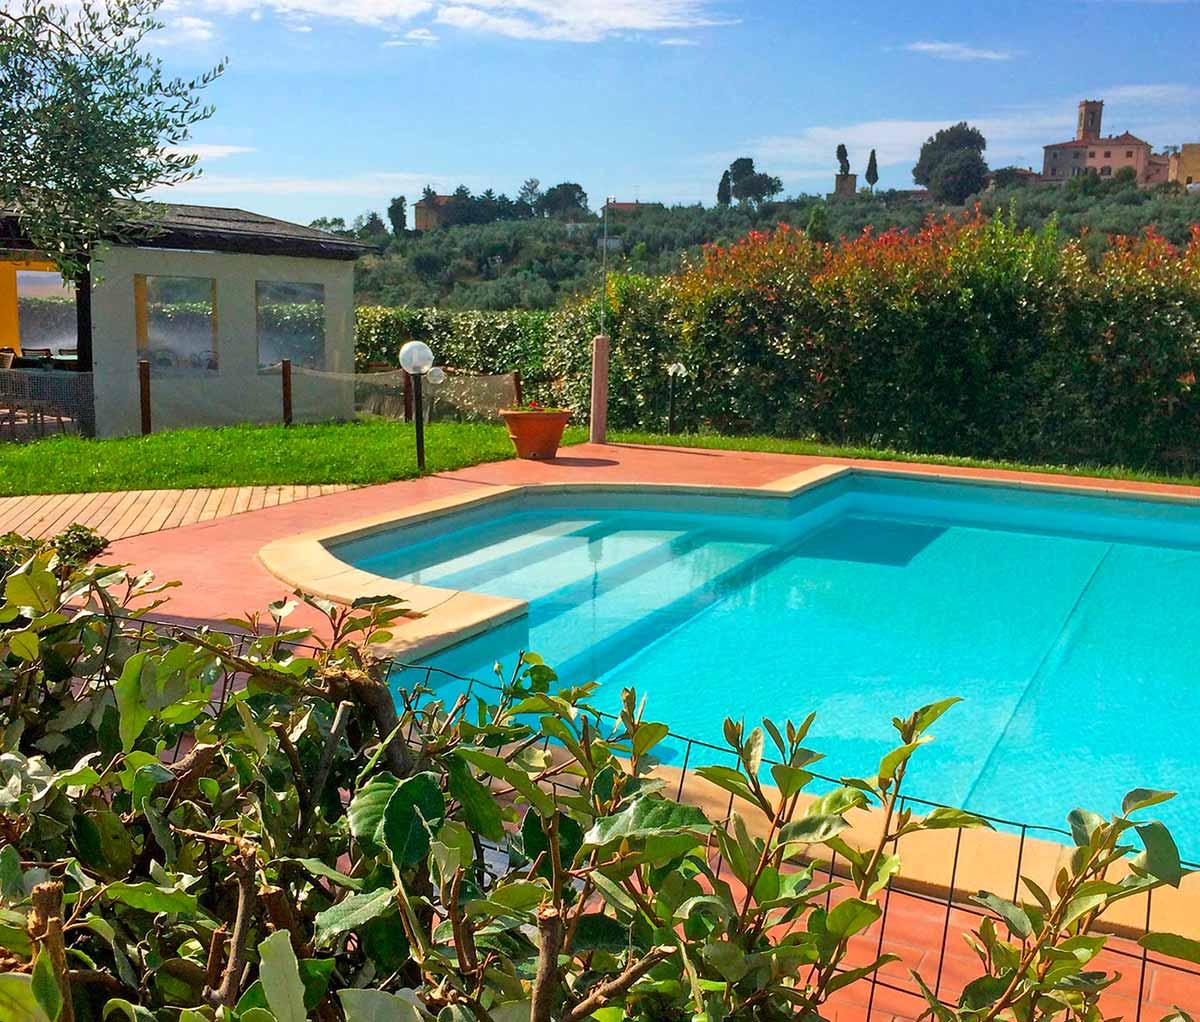 Agriturismo con piscina in toscana podere cortesi - Agriturismo con piscina toscana ...